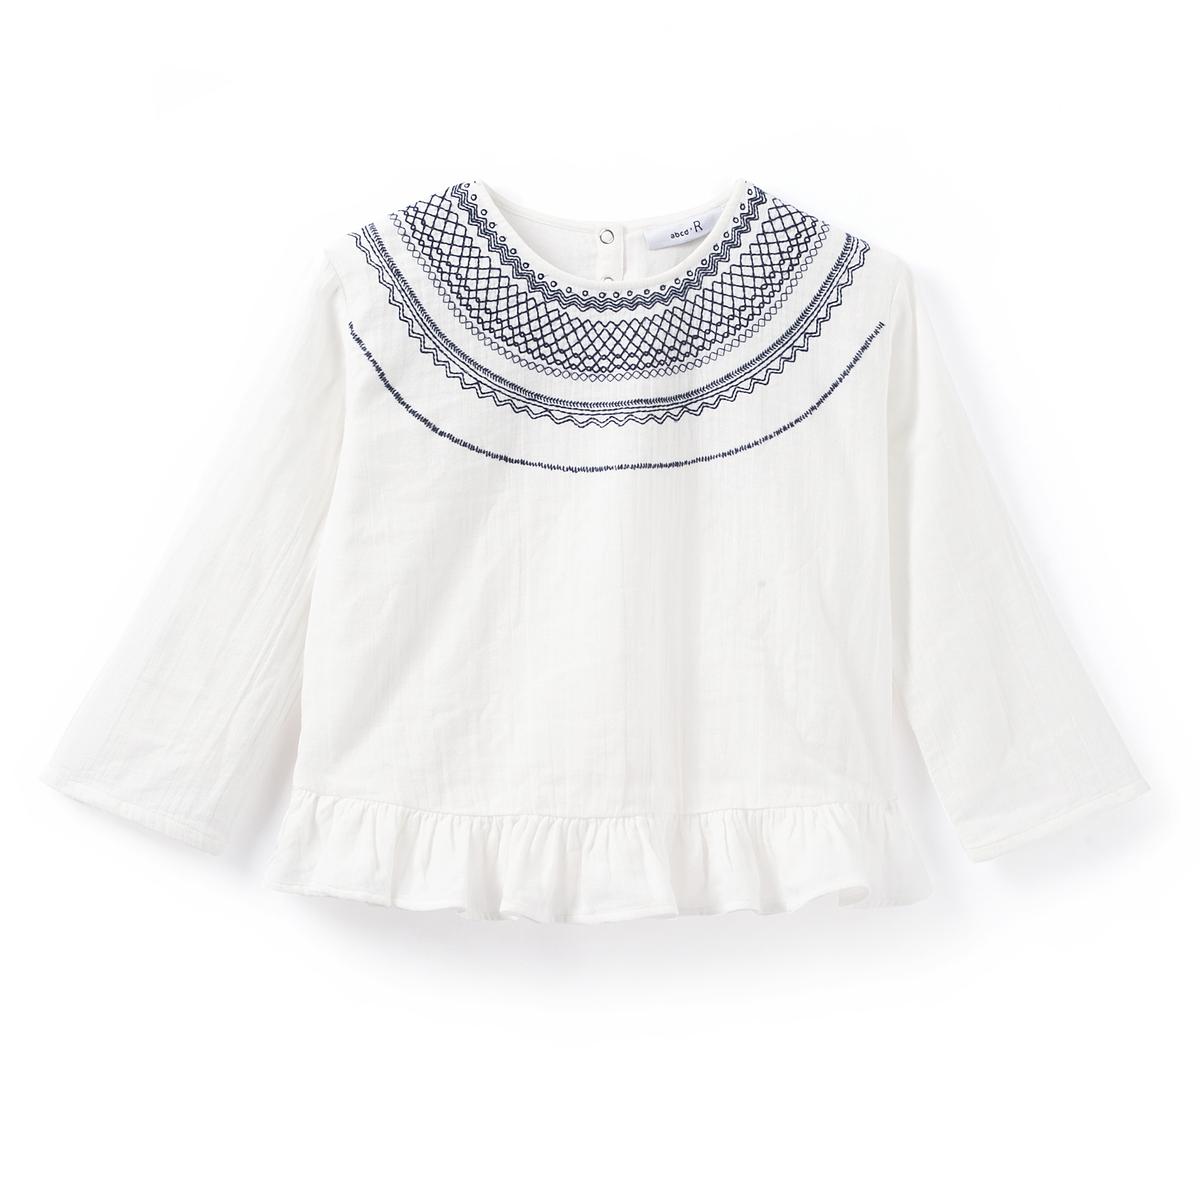 Блузка c вышивкой в стиле фолк 3-12 лет блузка с вышивкой в стиле фолк